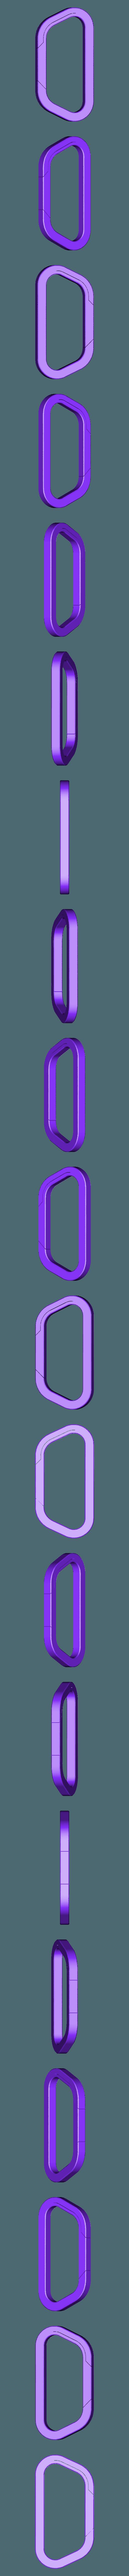 Symmetric_v1-2.STL Télécharger fichier STL gratuit Mousqueton symétrique • Objet à imprimer en 3D, WalterHsiao